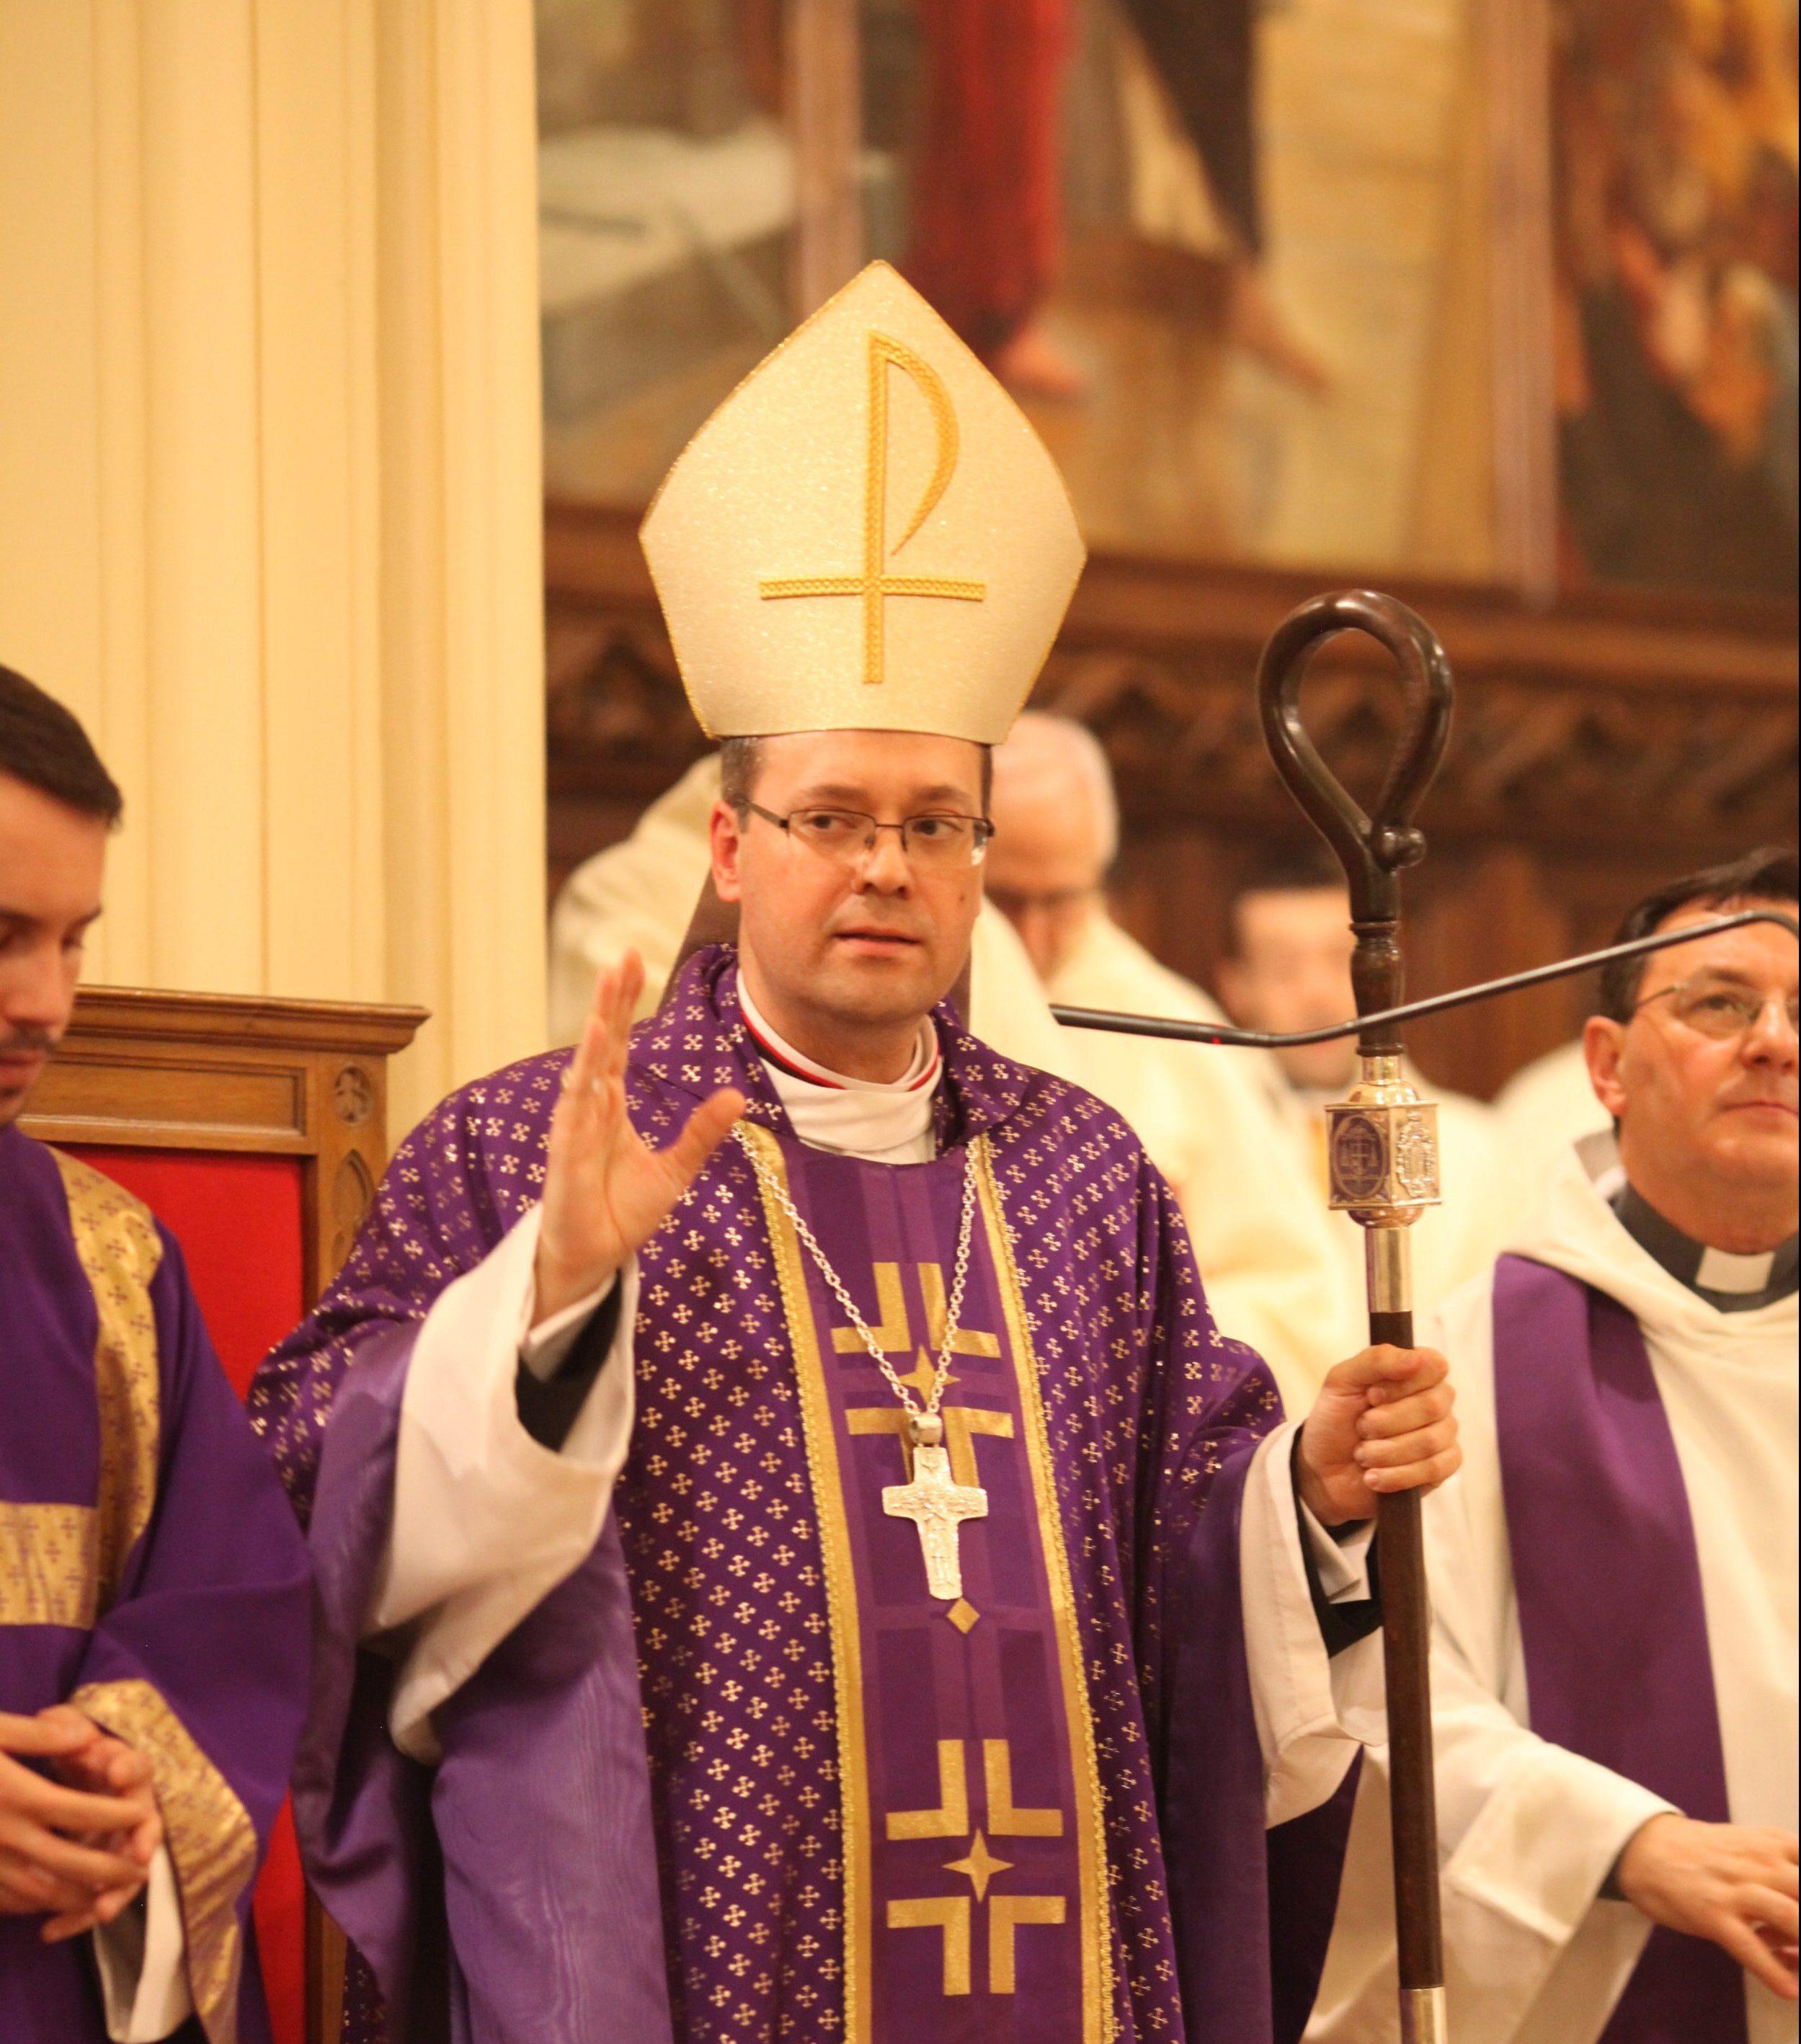 Eucaristía de Acción de Gracias por la ordenación episcopal de Jesús Vidal